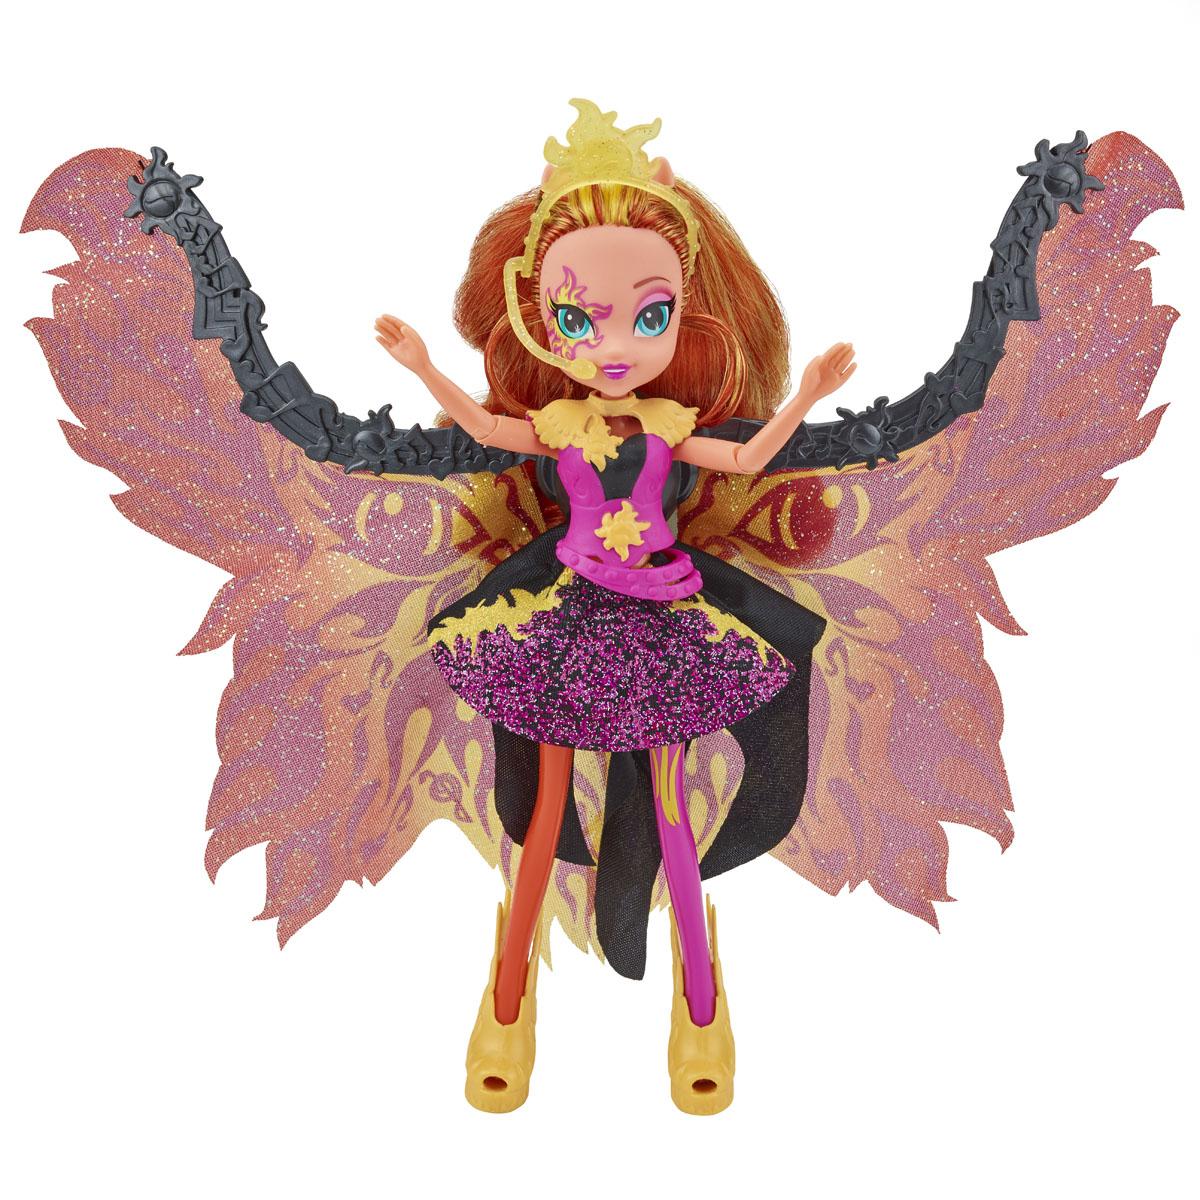 My Little Pony Кукла Time to Shine Сансет ШиммерB1041Куклы пони-девочки из мультфильма Equestria Girl (Девочки из Эквестрии) - это удивительные и очаровательные куклы, которых так давно ждали ценители маленьких пони. В серии Rainbow Rocks все куклы - звезды рок-группы, они очень стильно одеты и шикарно выглядят. Каждая кукла - яркая индивидуальность! Кукла My Little Pony Equestria Girls Time to Shine: Сансет Шиммер в точности повторяет внешний вид героини из мультфильма. Кукла выполнена в виде девочки-пони Сансет Шиммер. Ее эффектный образ создан специально для выступления на рок-концерте. Девочке непременно понравится расчесывать и заплетать ее длинные рыжие волосы. Сансет одета в стильное платье, украшенное блестками, а на ногах у нее - желтые туфельки. Завершают образ рок-звезды роскошные сверкающие крылья у нее за спиной, украшенные огненным узором. Сведите ножки куклы - и крылья сложатся, отпустите - и они снова распахнутся. Голова, ручки и ножки куколки подвижны, благодаря чему ей можно придавать различные...